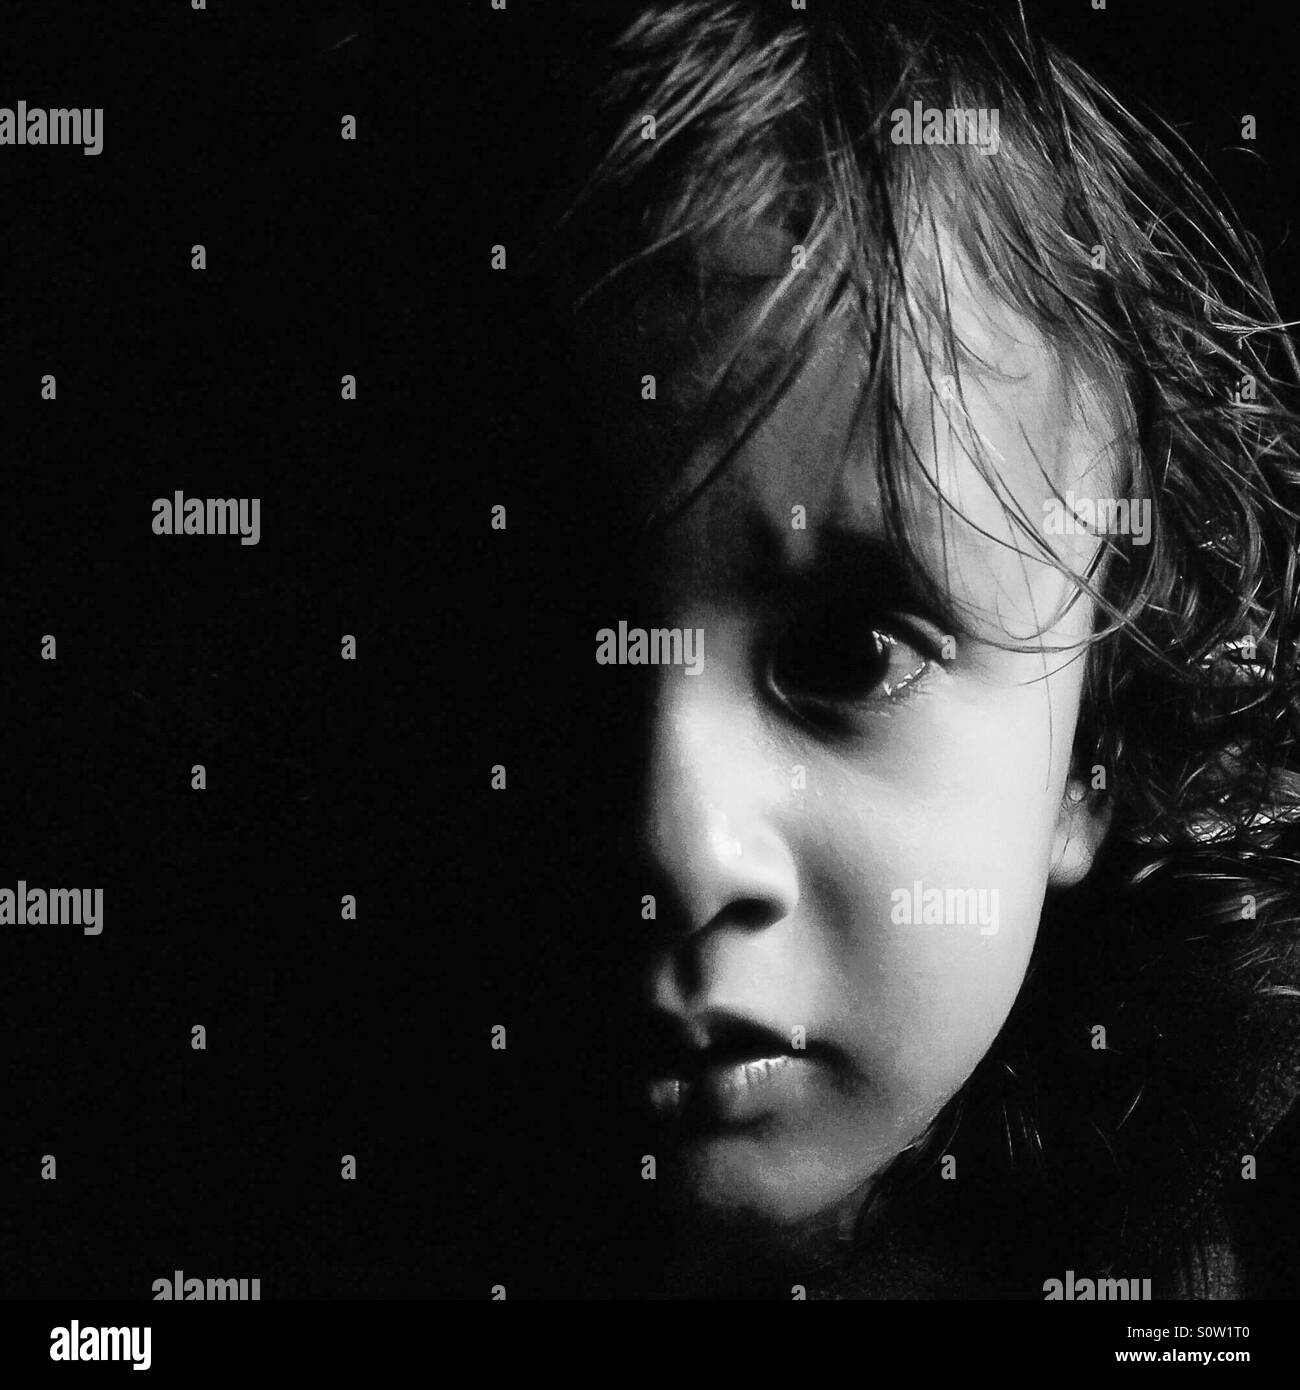 Save Childhood - Stock Image